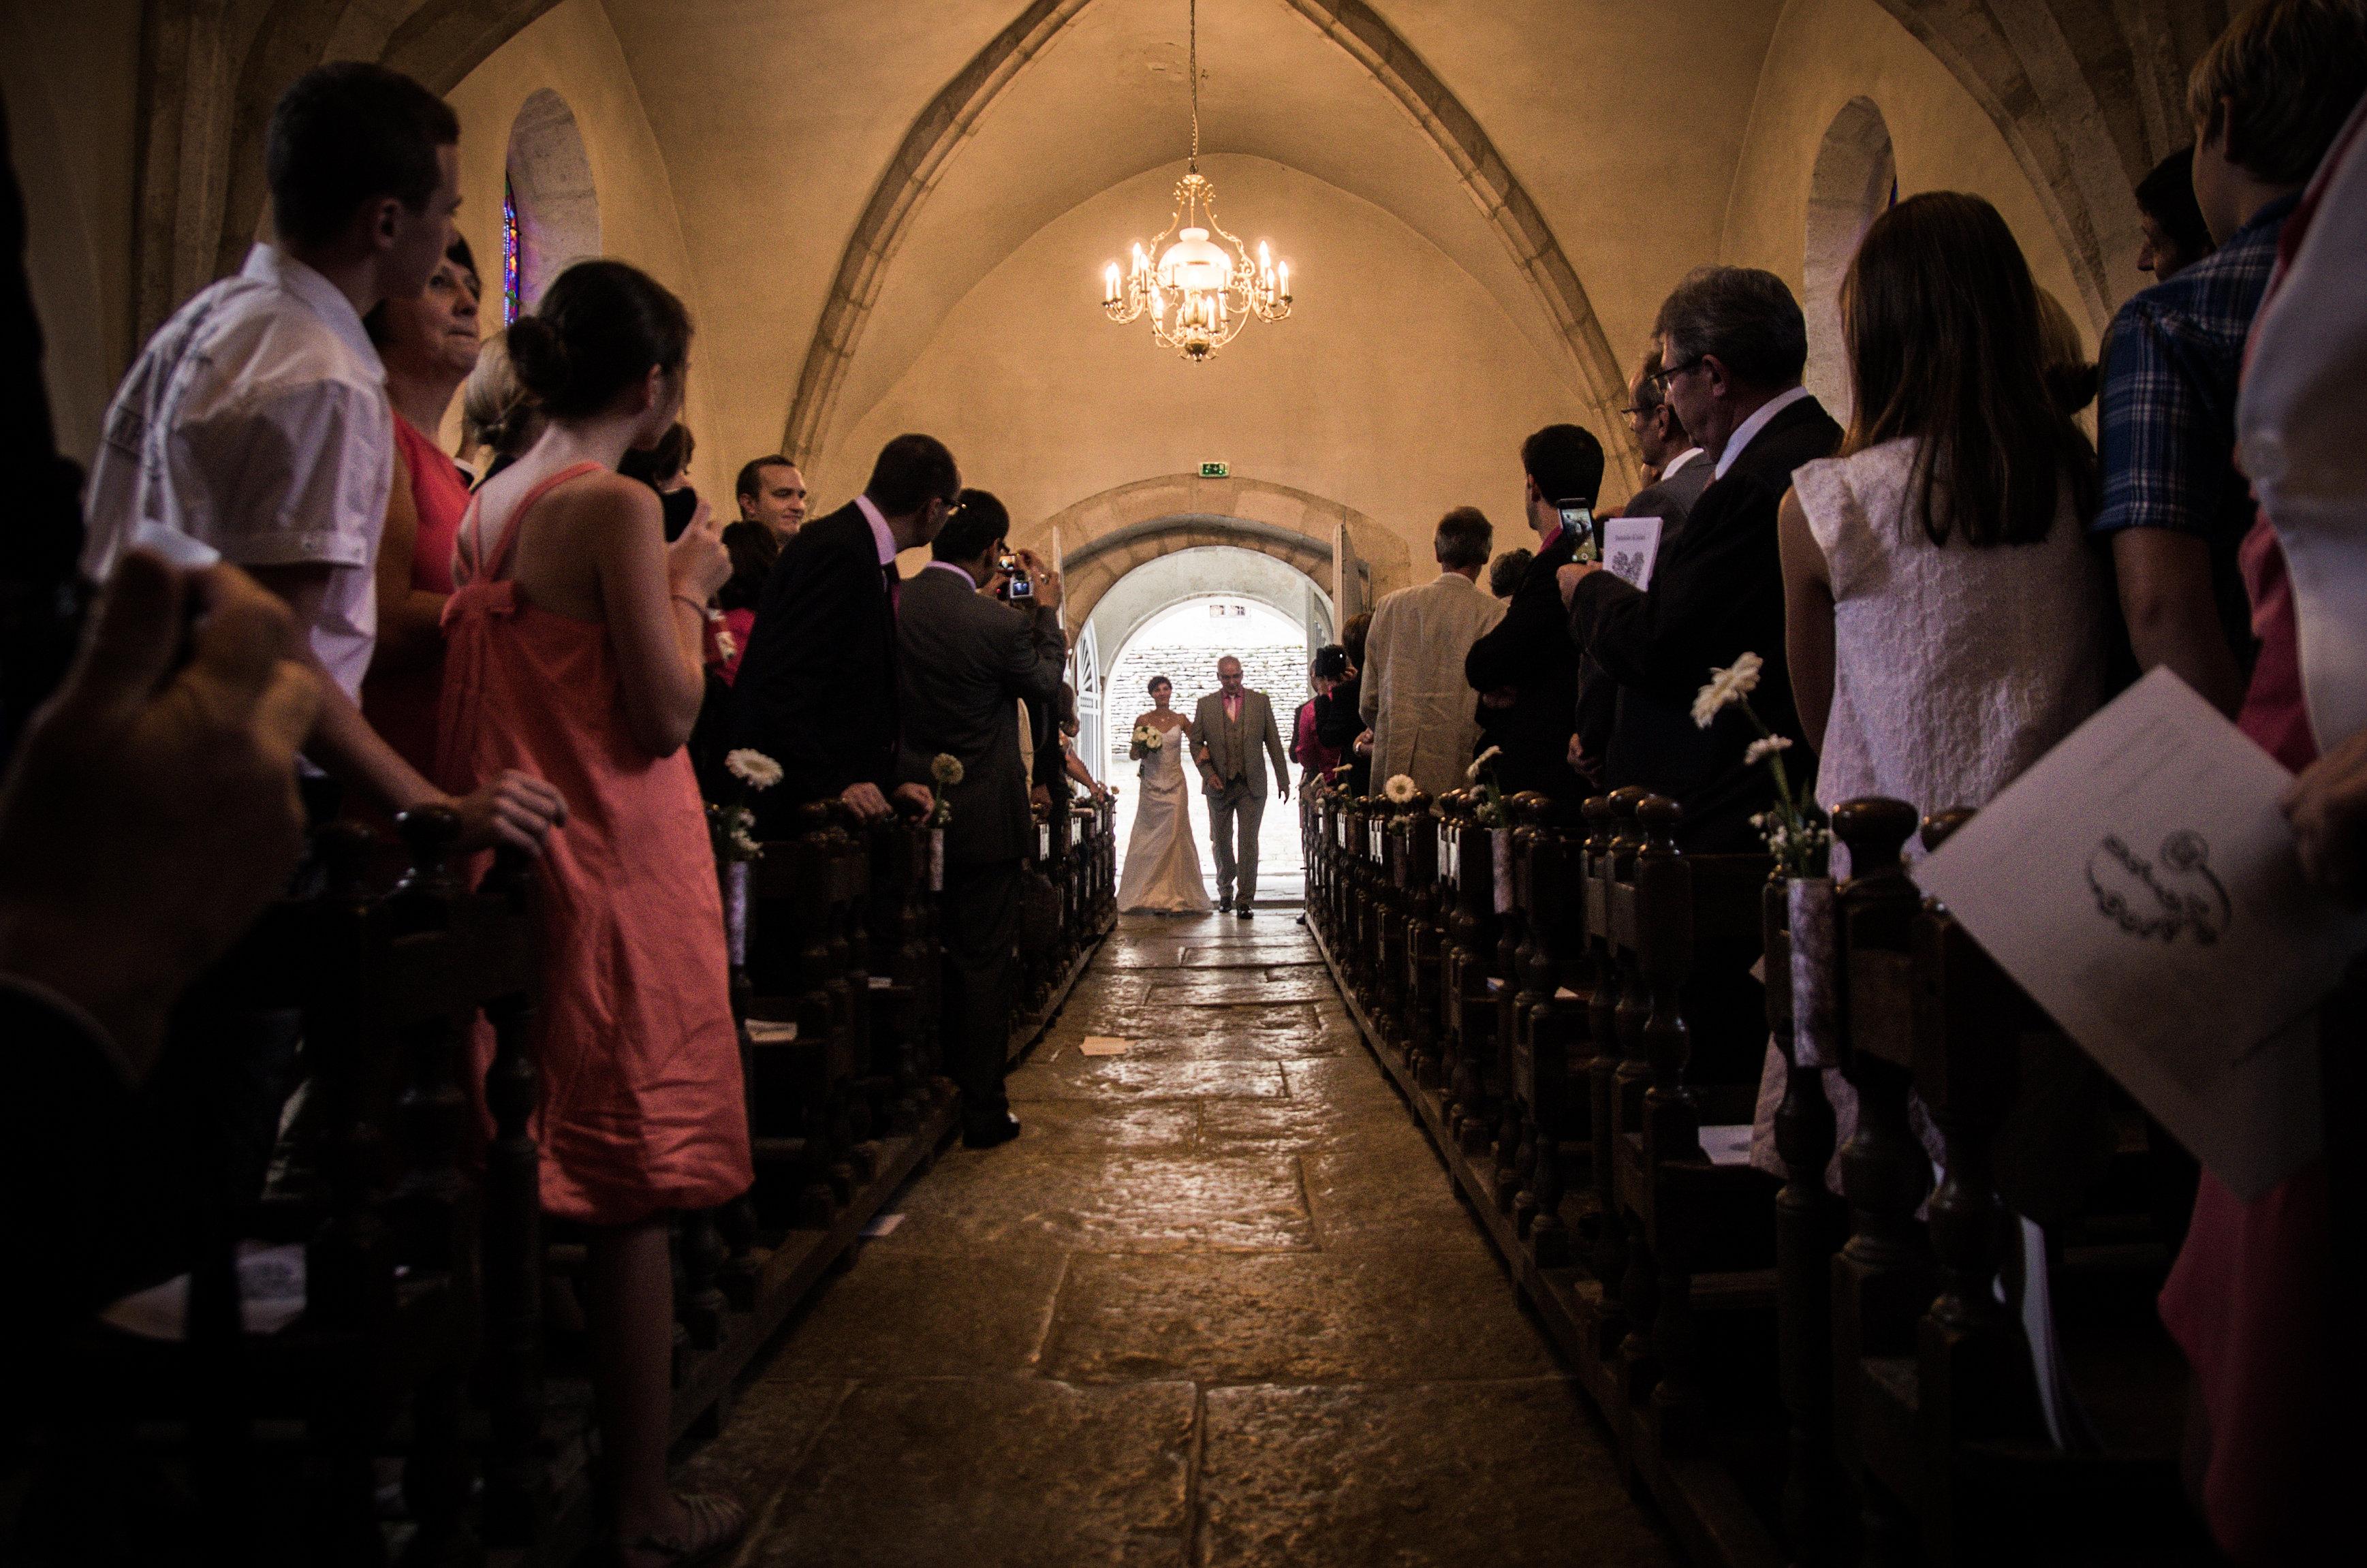 laurebphotographie photographe besanon de mariage et portrait photographe mariage besancon - Photographe Mariage Besancon